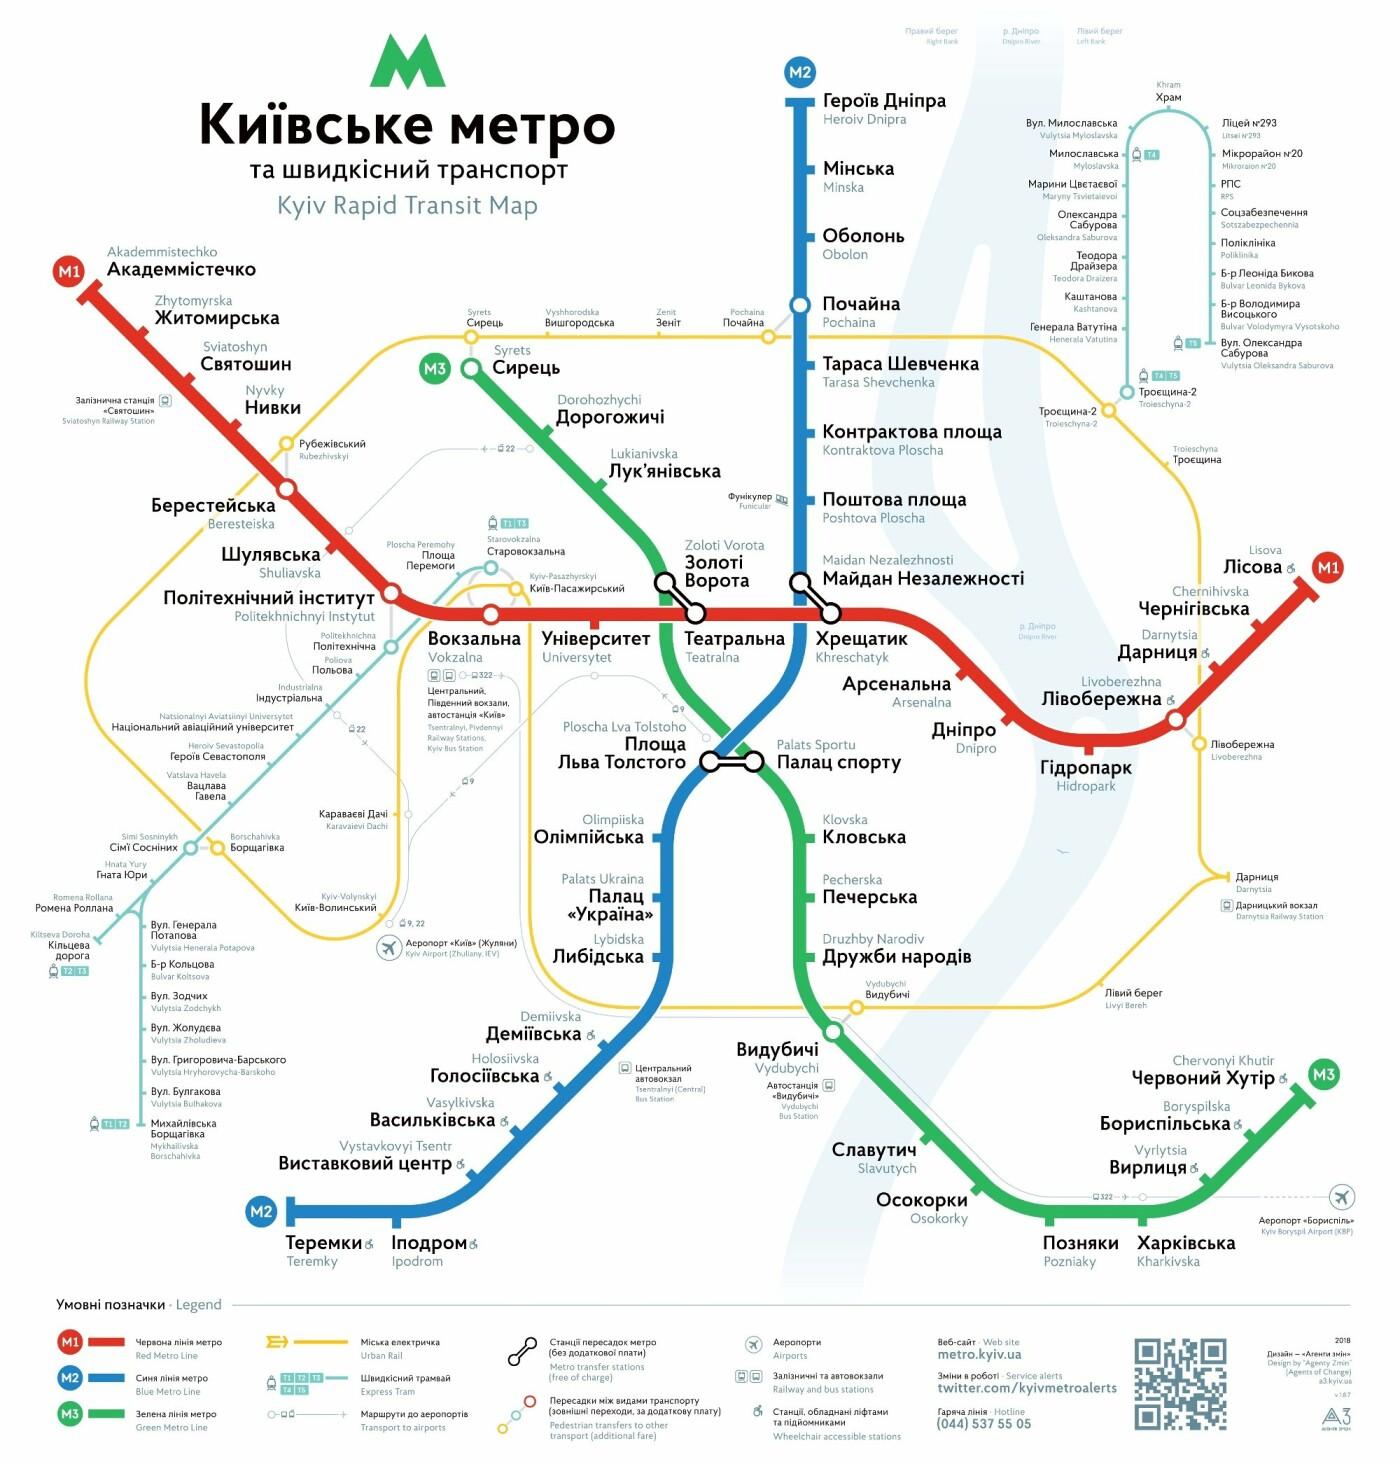 Общественный транспорт Киева, Фото: Википедия